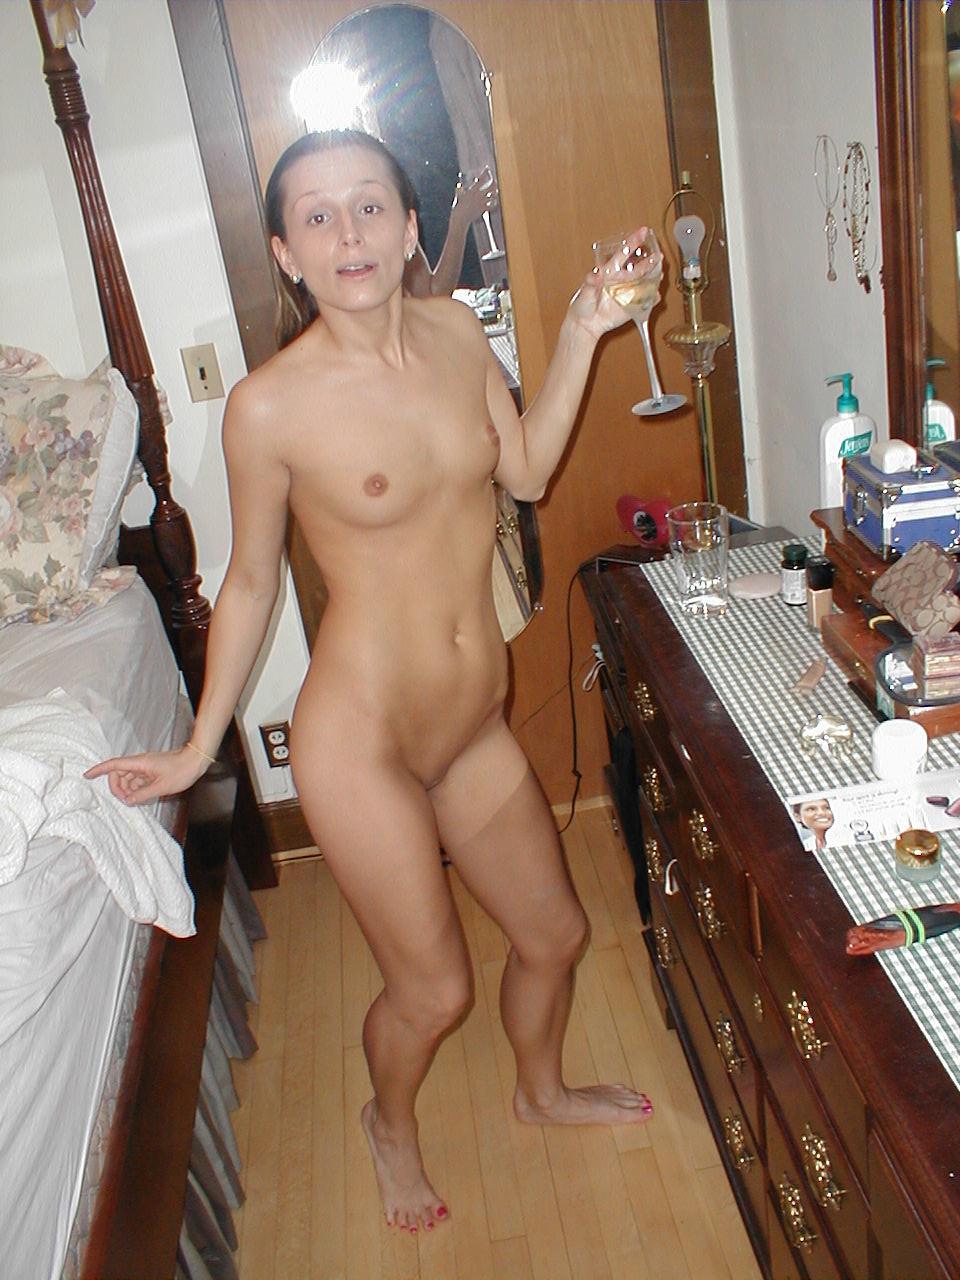 Джулия из Флориды позирует голая